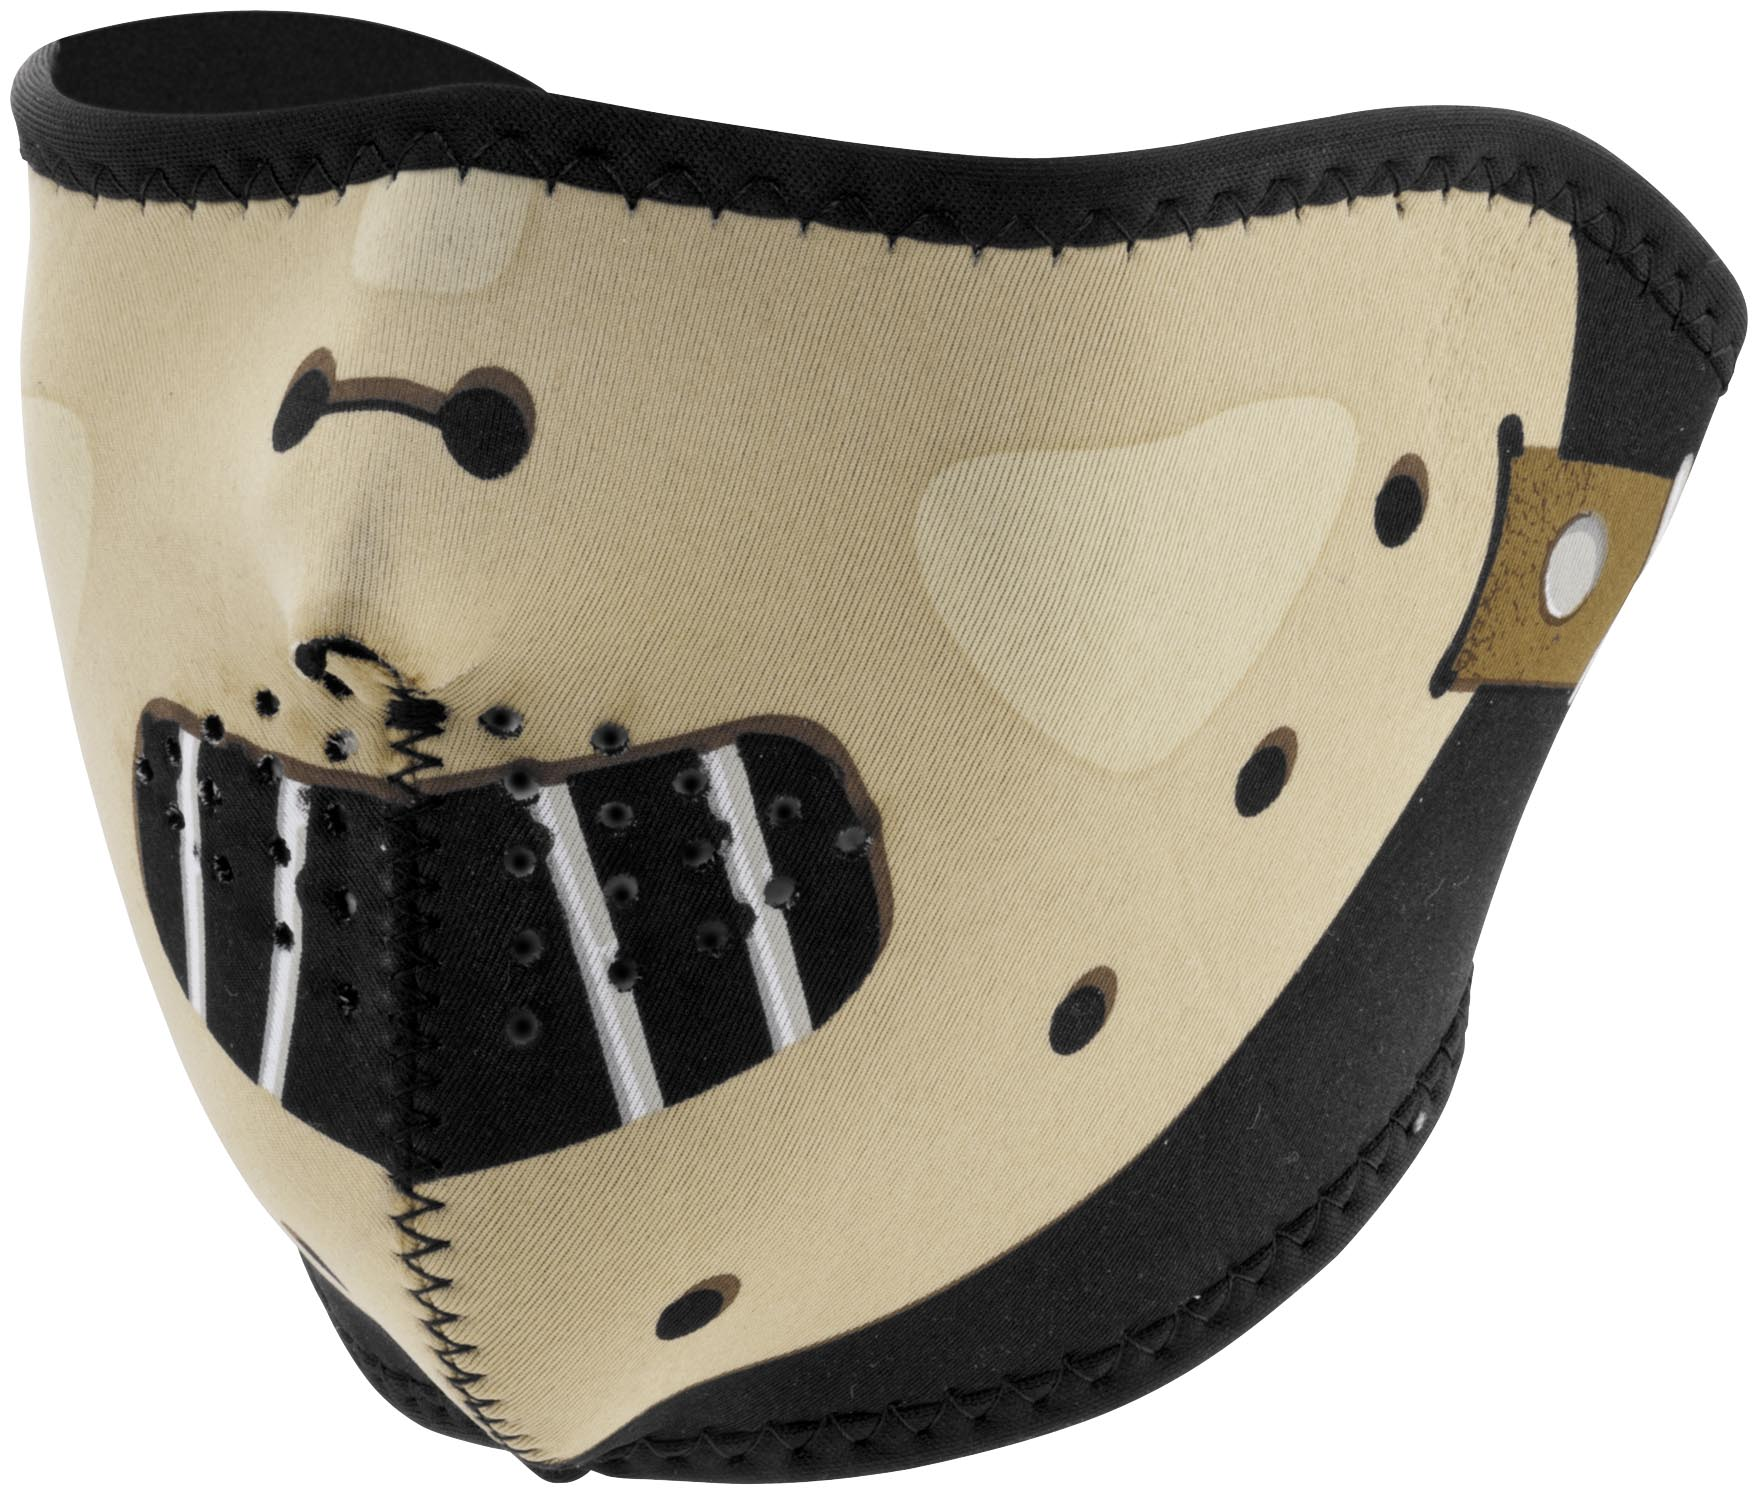 Zan Headgear Half Face Mask Hannibal (Brown, OSFM) by Zan Headgear